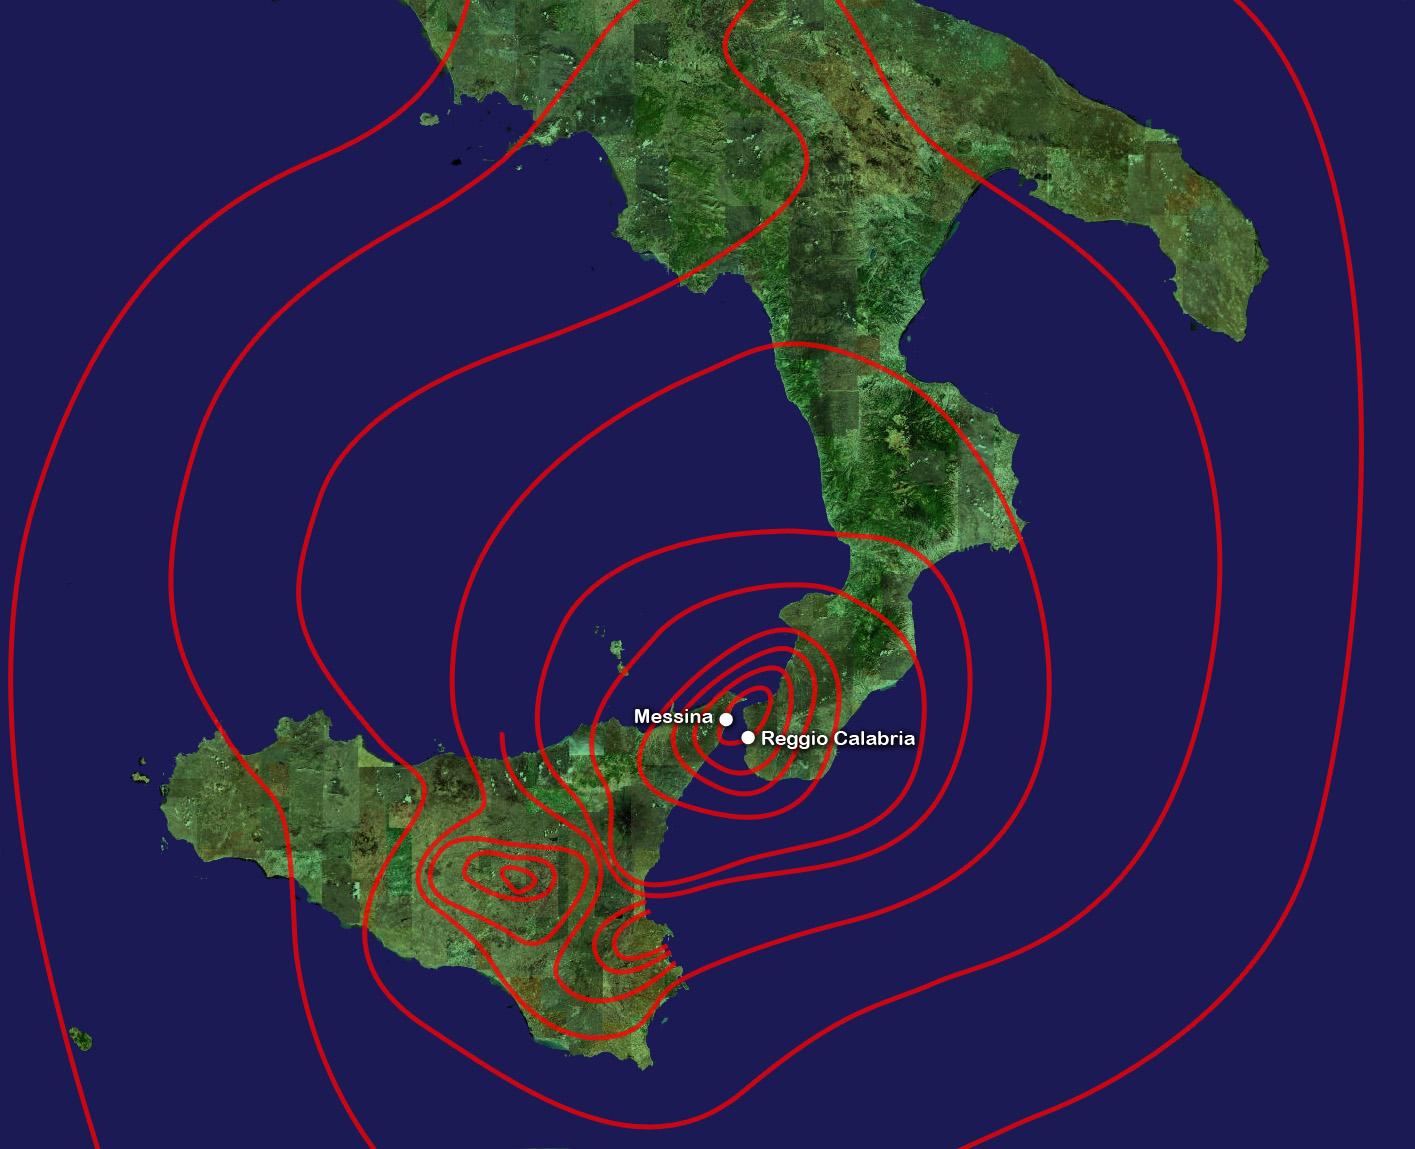 Mappa Terremoto di Messina e Reggio Calabria 1908